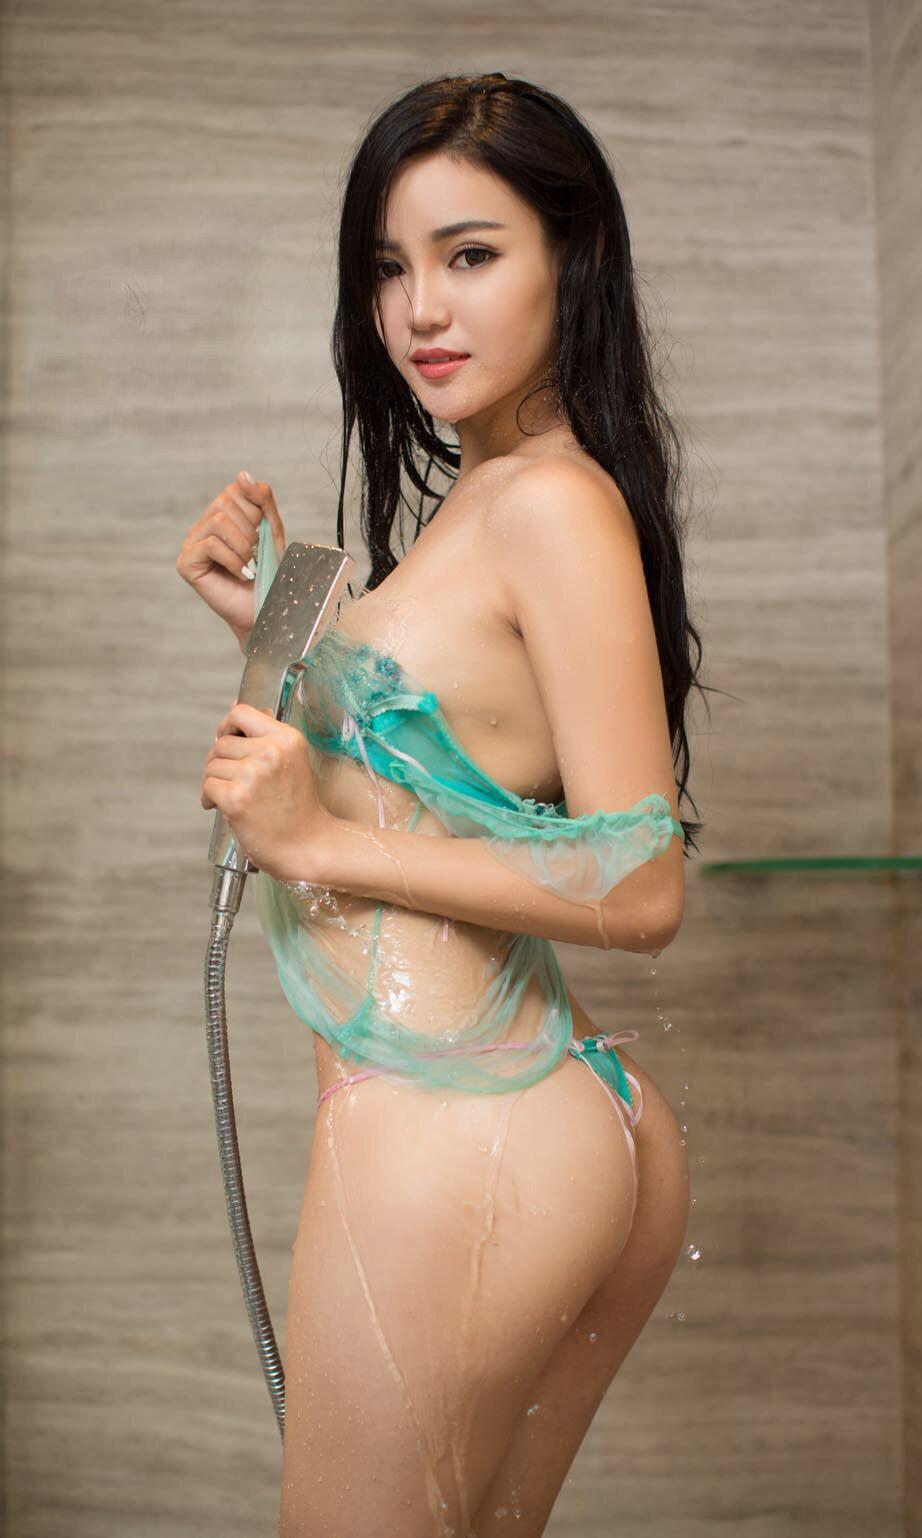 naked hot super models